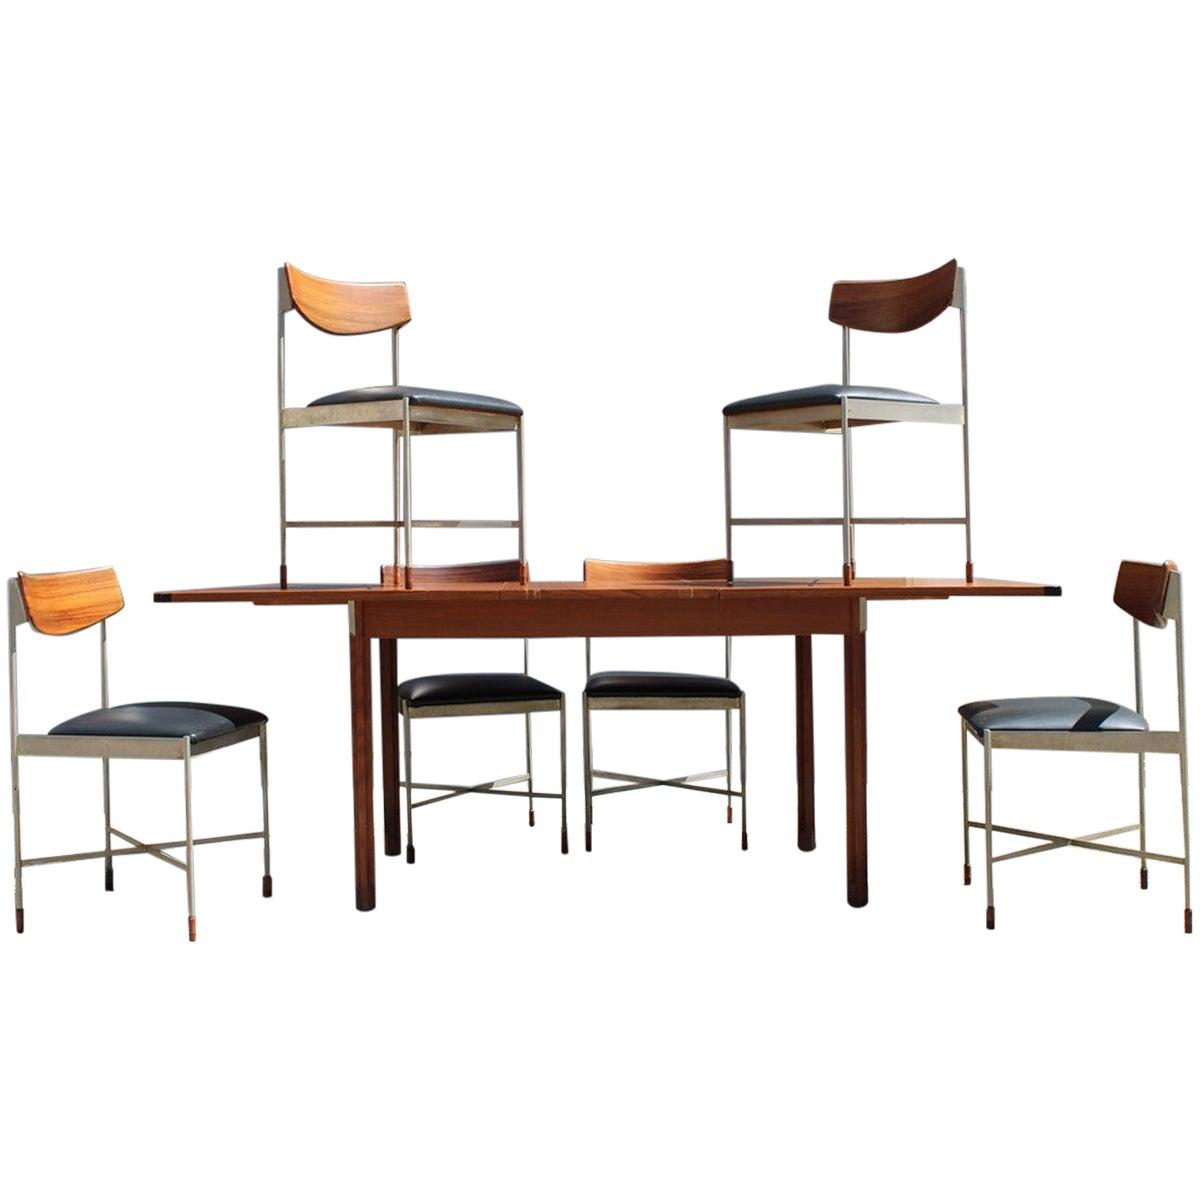 Italian Midcentury Dining Room Set Teak Metal Extendable Table, 1960s